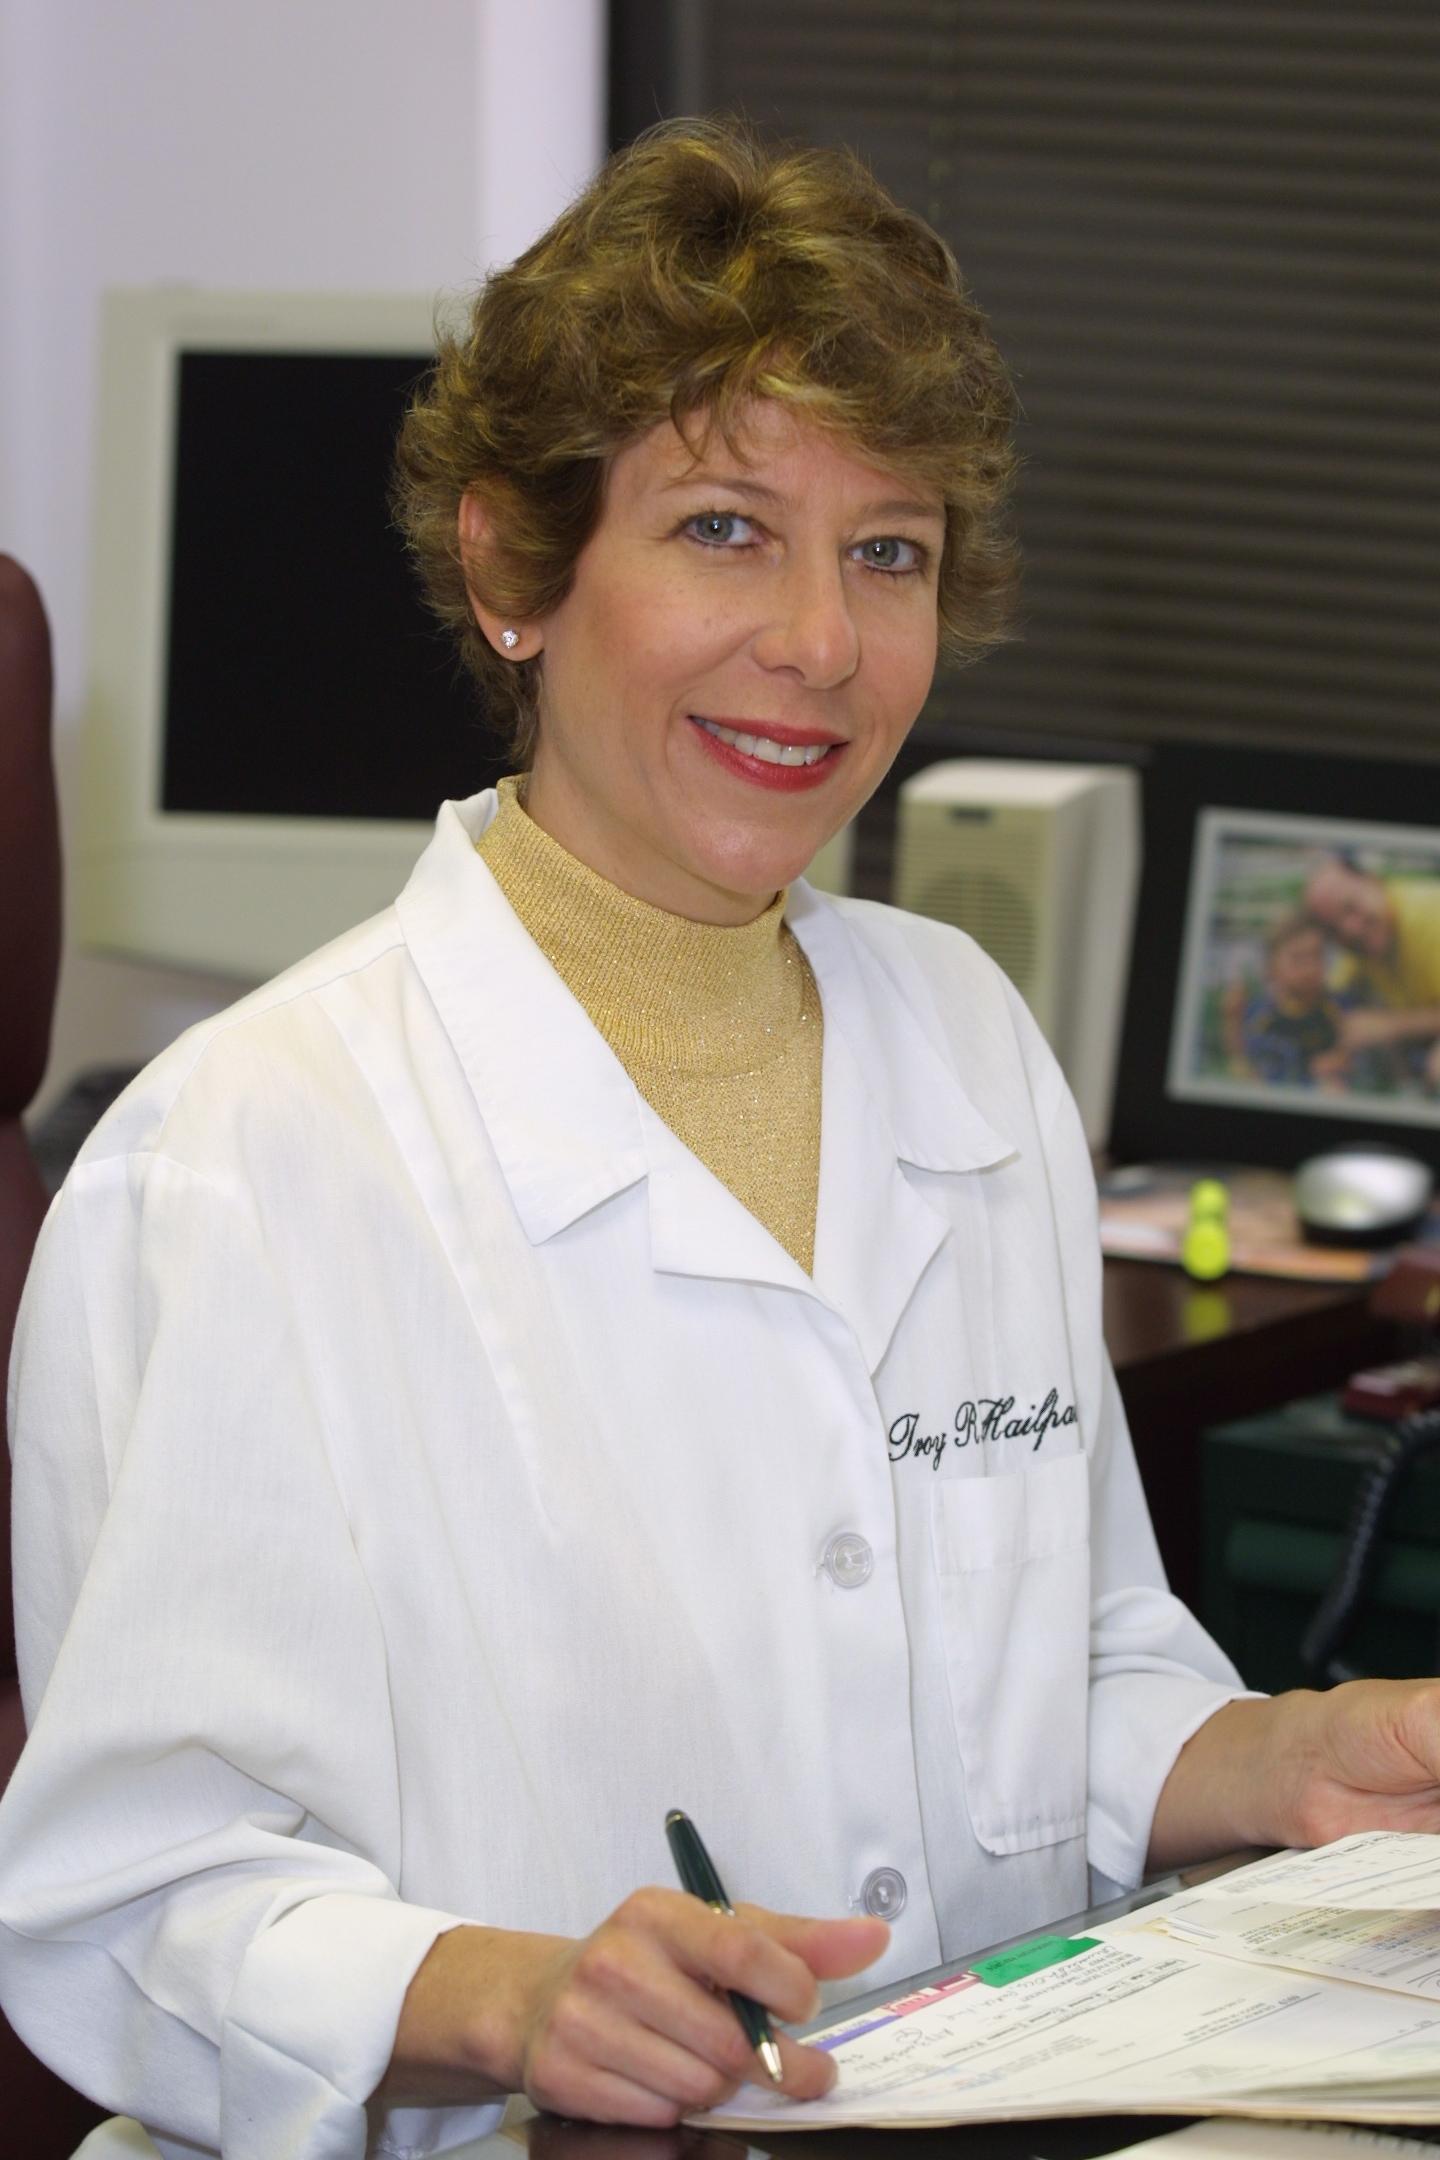 Dr. Troy Hailparn